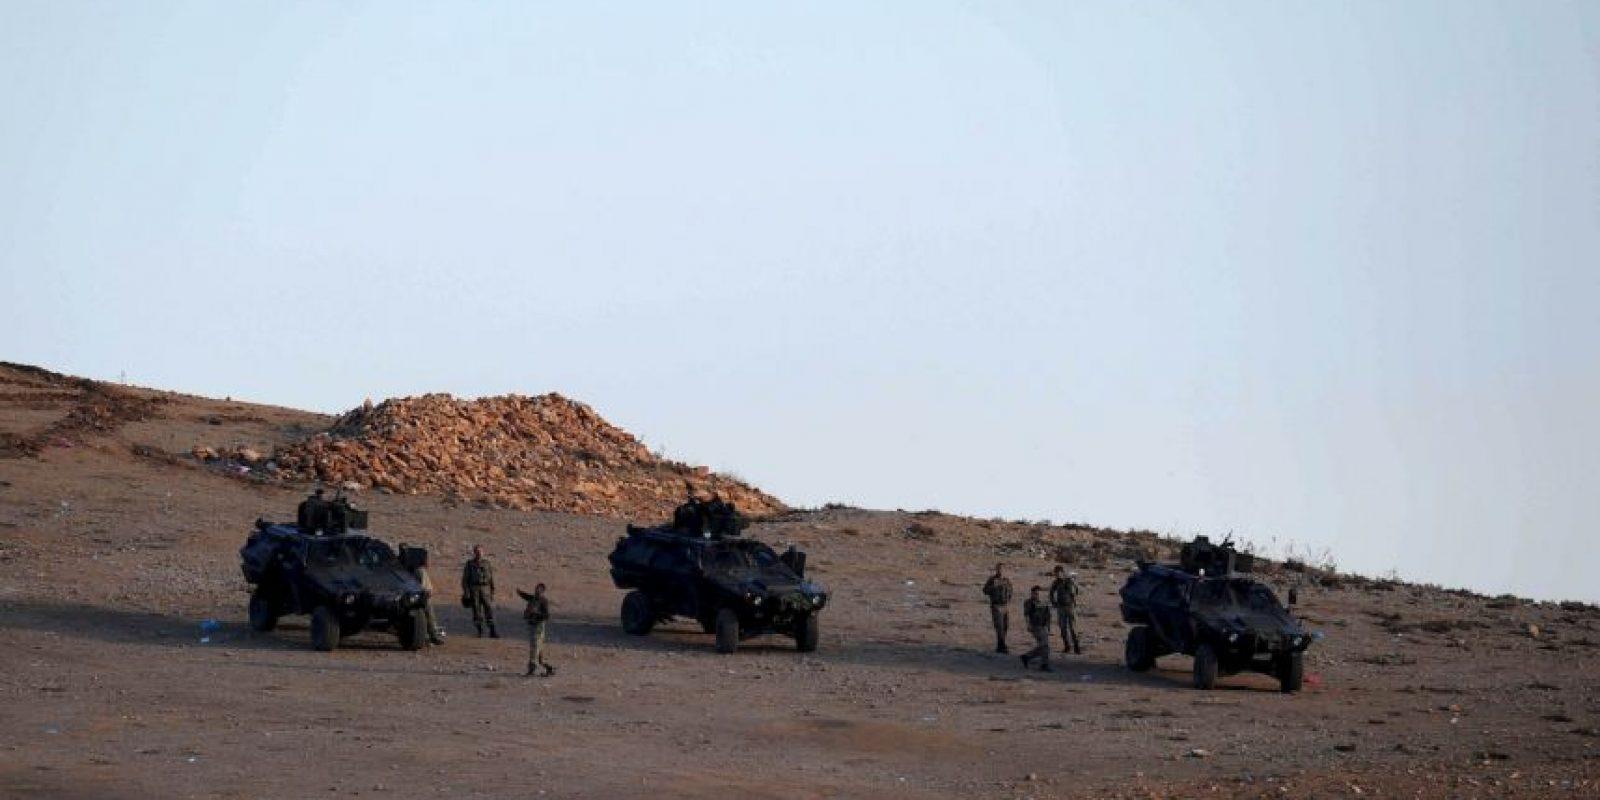 El grupo terrorista recibe ingresos de venta de petróleo, secuestros, y extorsión de la población. Foto:Getty